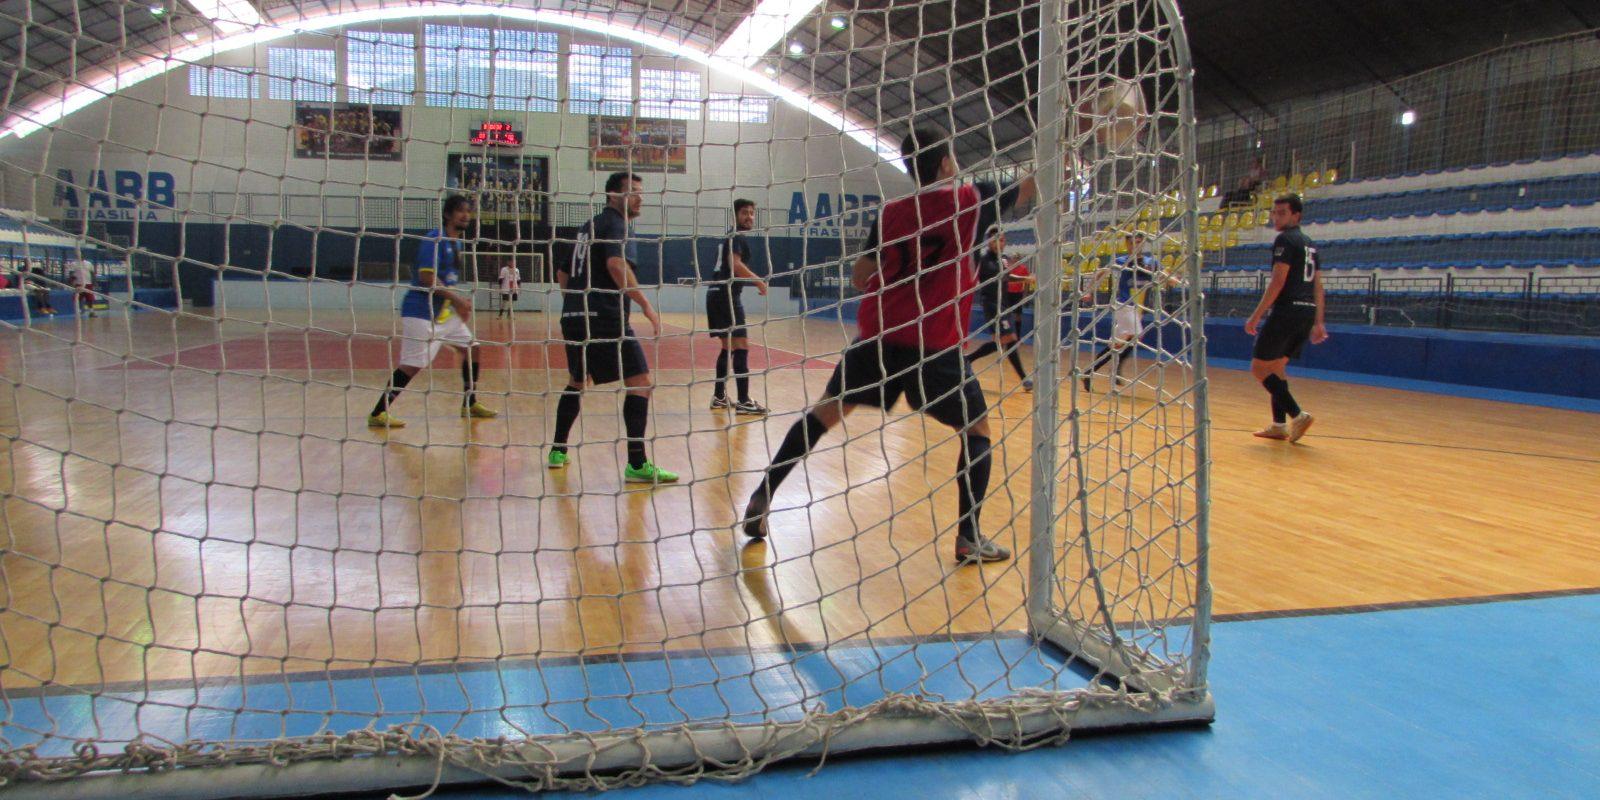 f677c62251 Notícias – Página  24 – Associação Atlética do Banco do Brasil